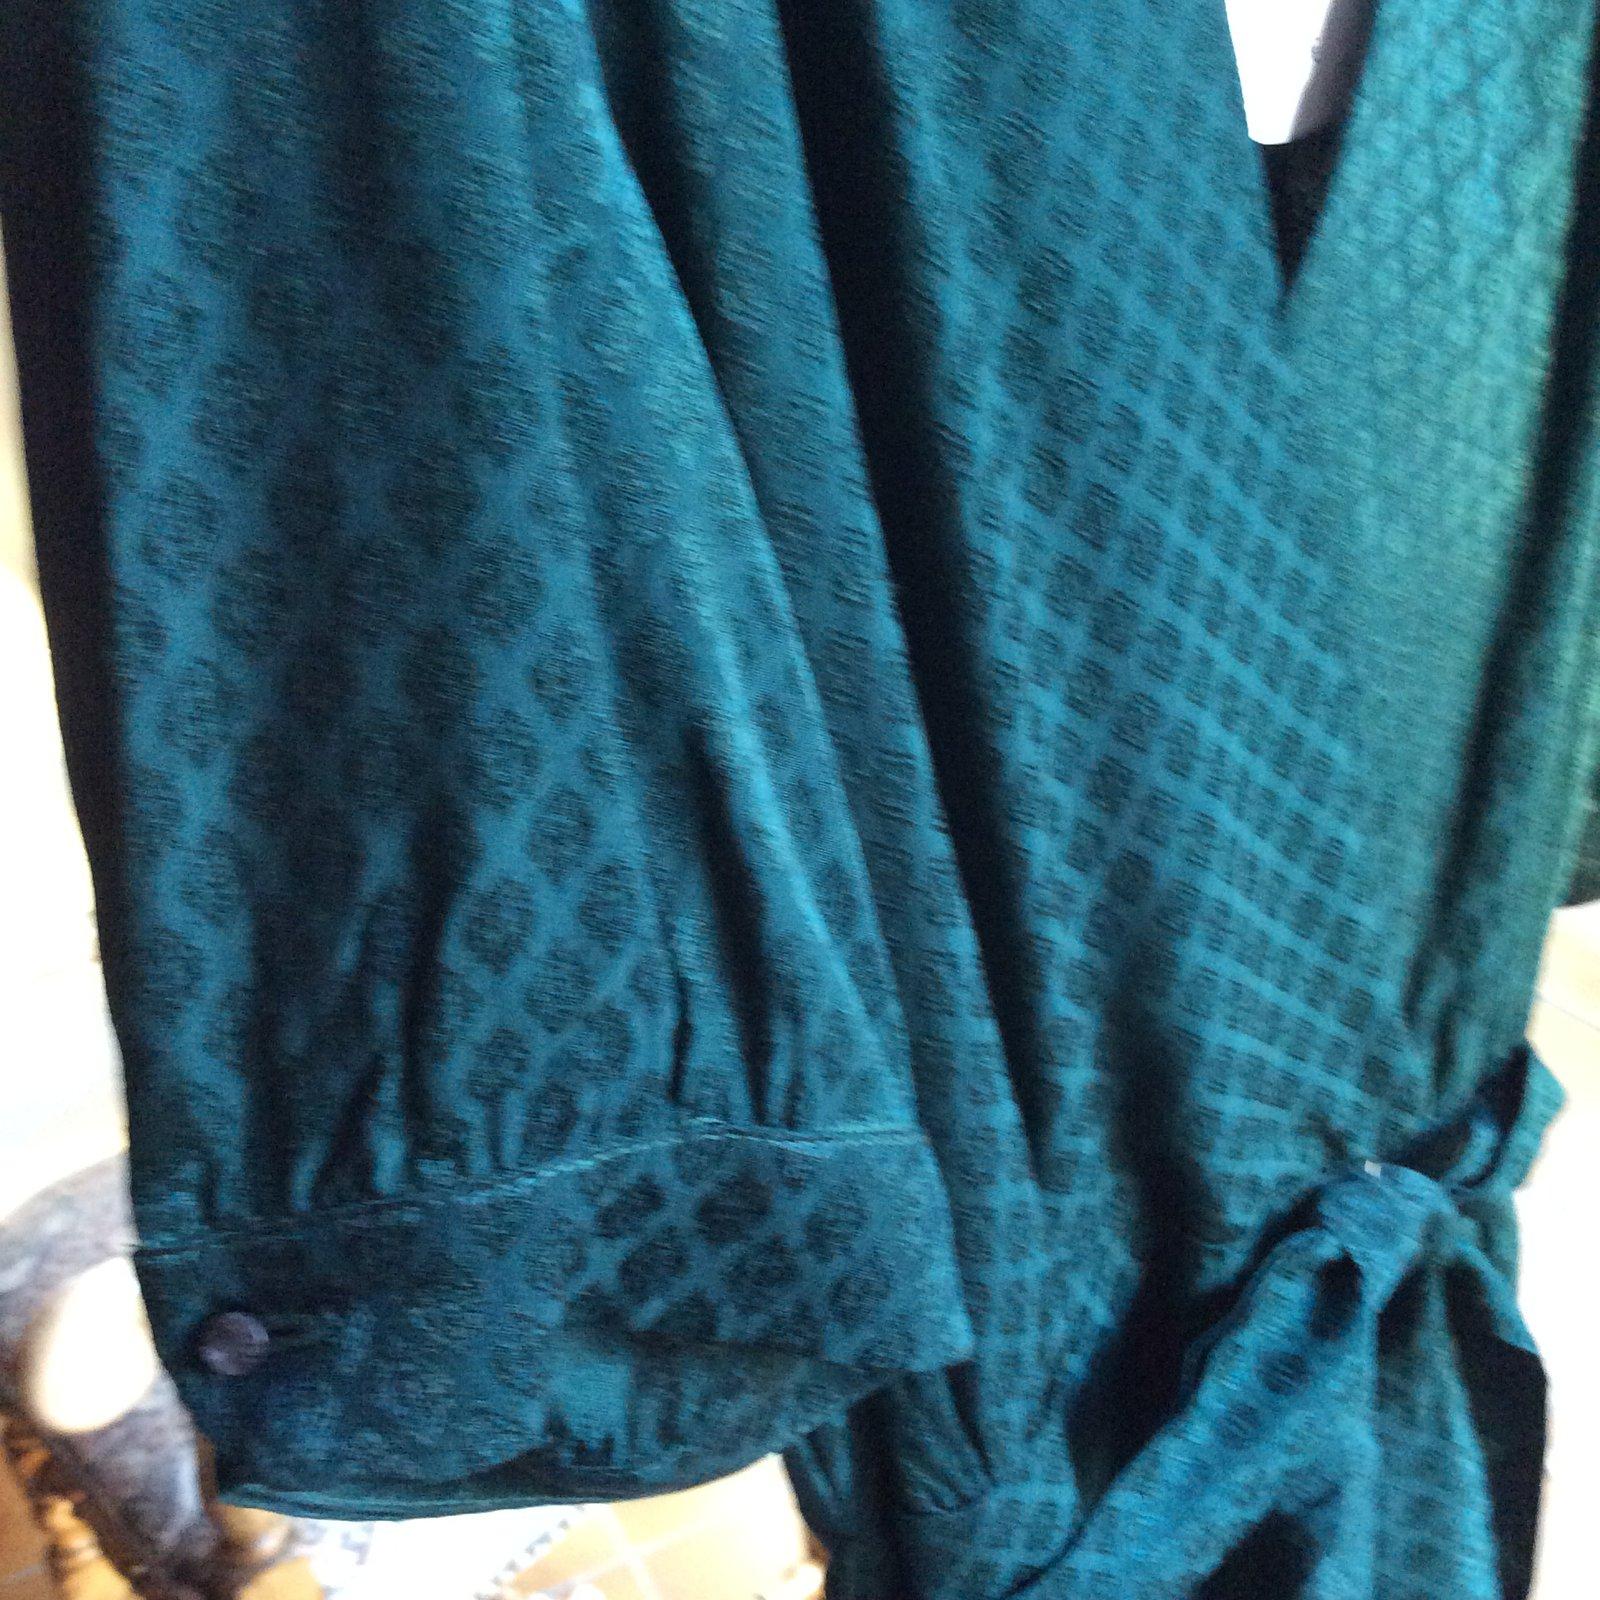 7bede107c16b1 Robes KOOKAÏ Robe Viscose Vert foncé ref.87387 - Joli Closet